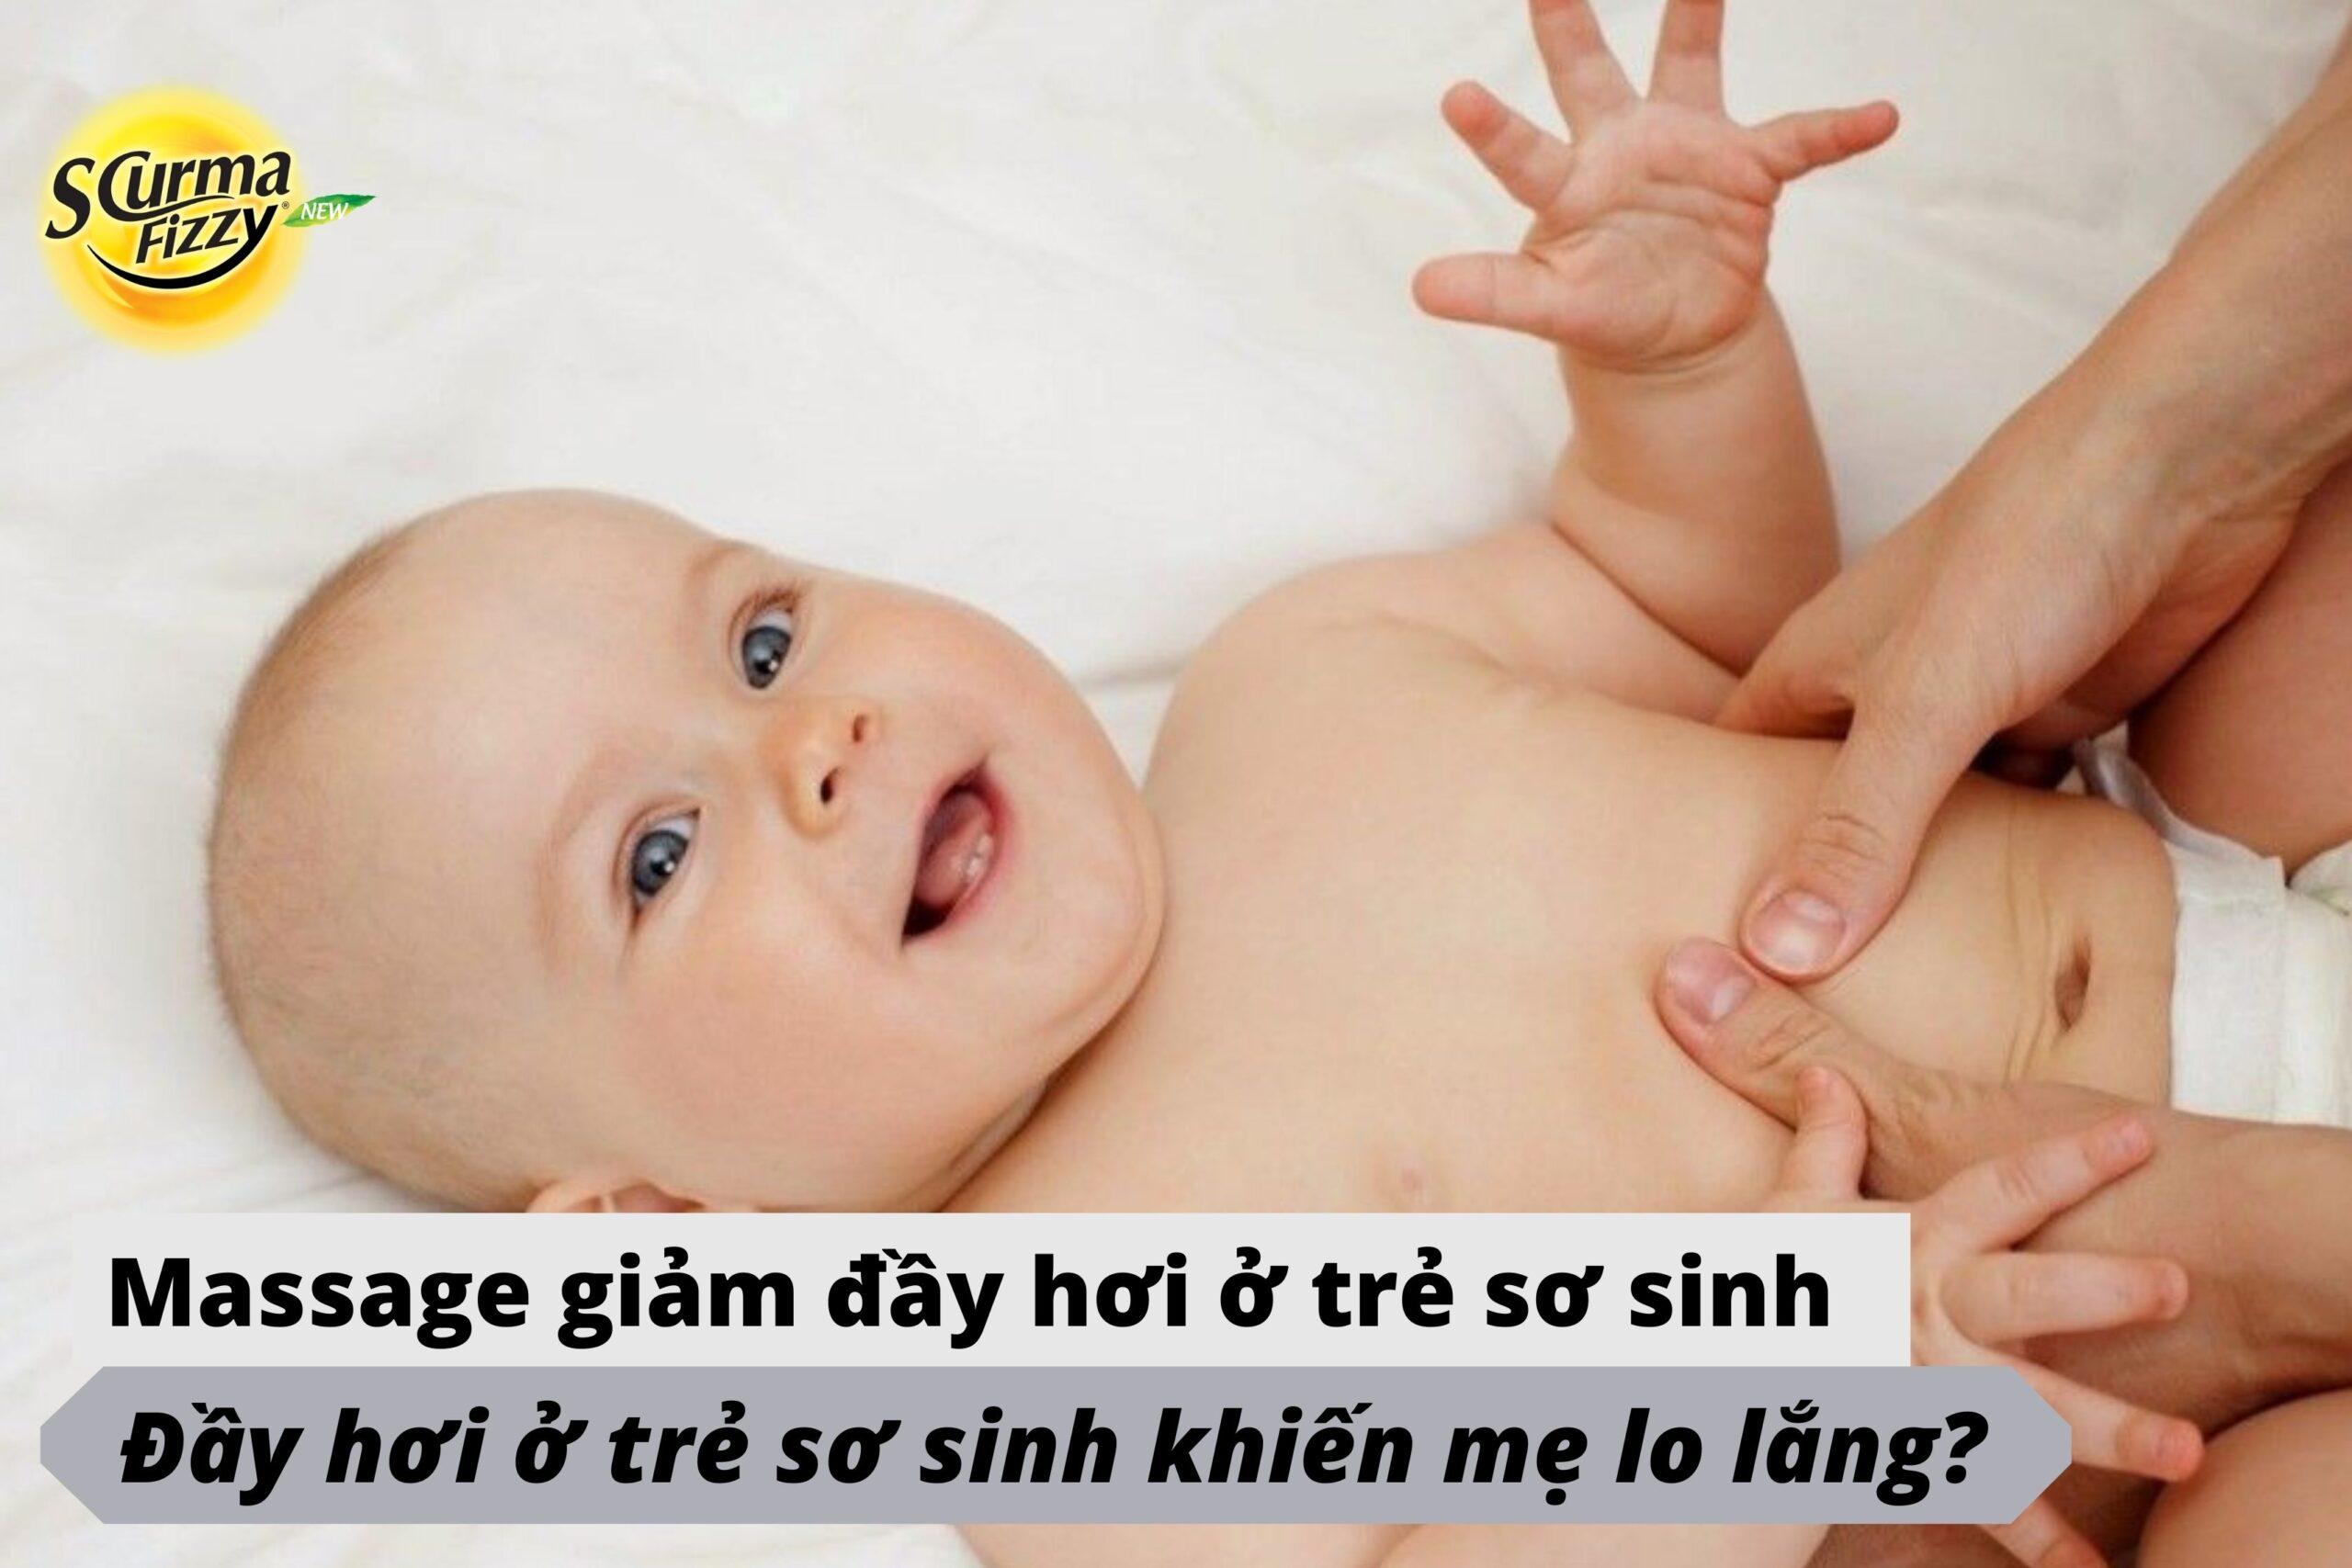 cách làm giảm đầy hơi ở trẻ sơ sinh